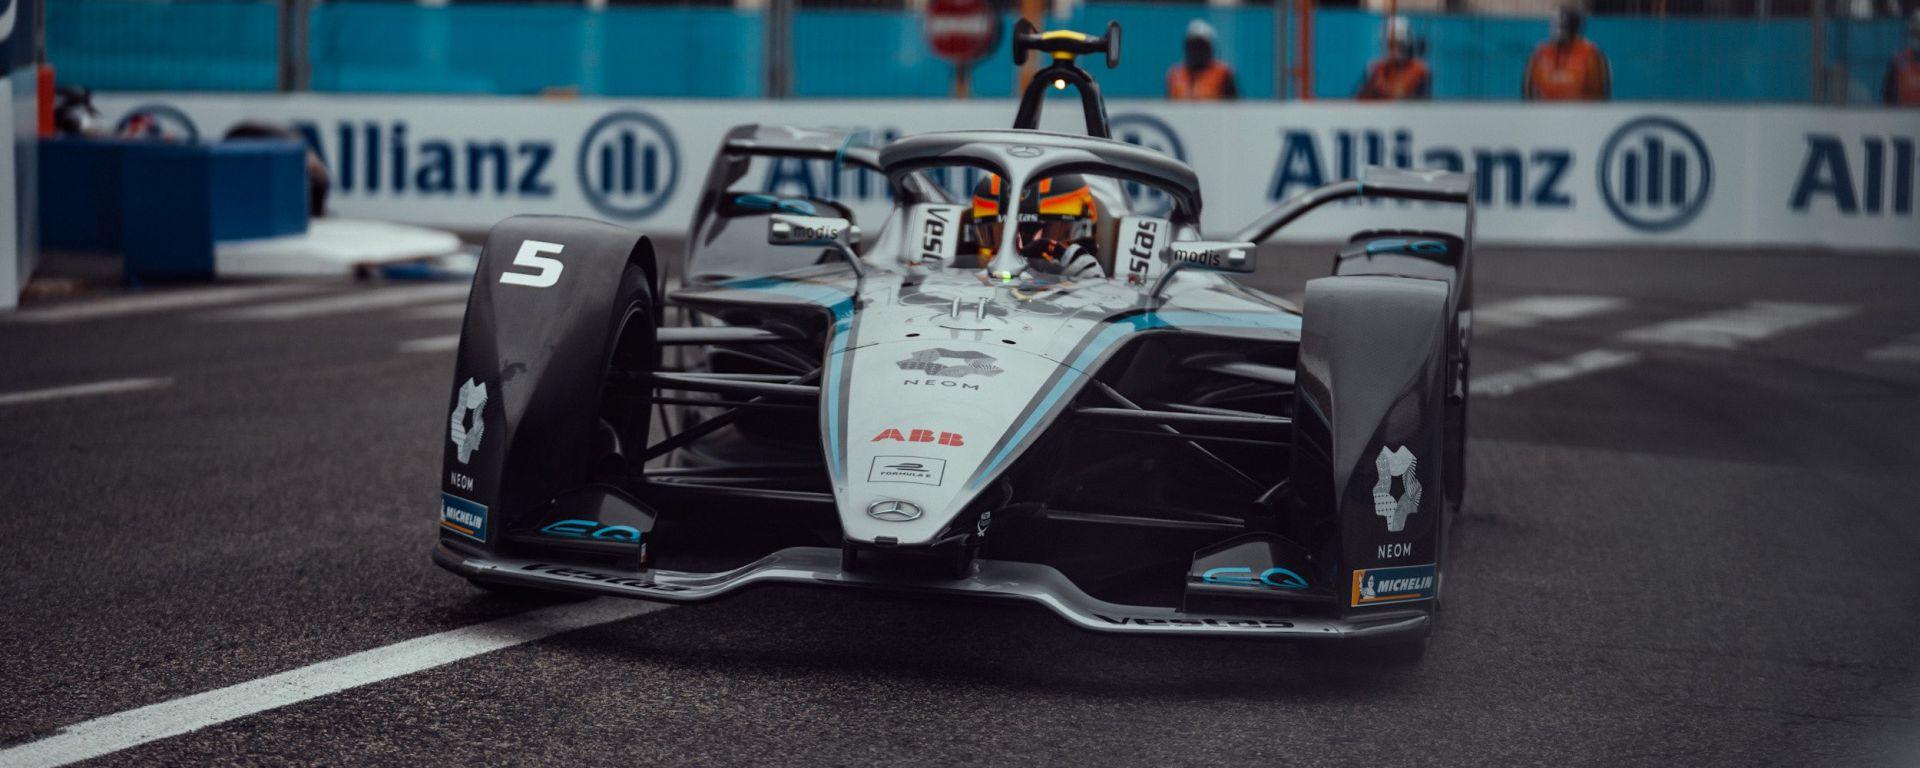 ePrix Roma-1 2021, Rowland la butta via, in pole scatta Vandoorne